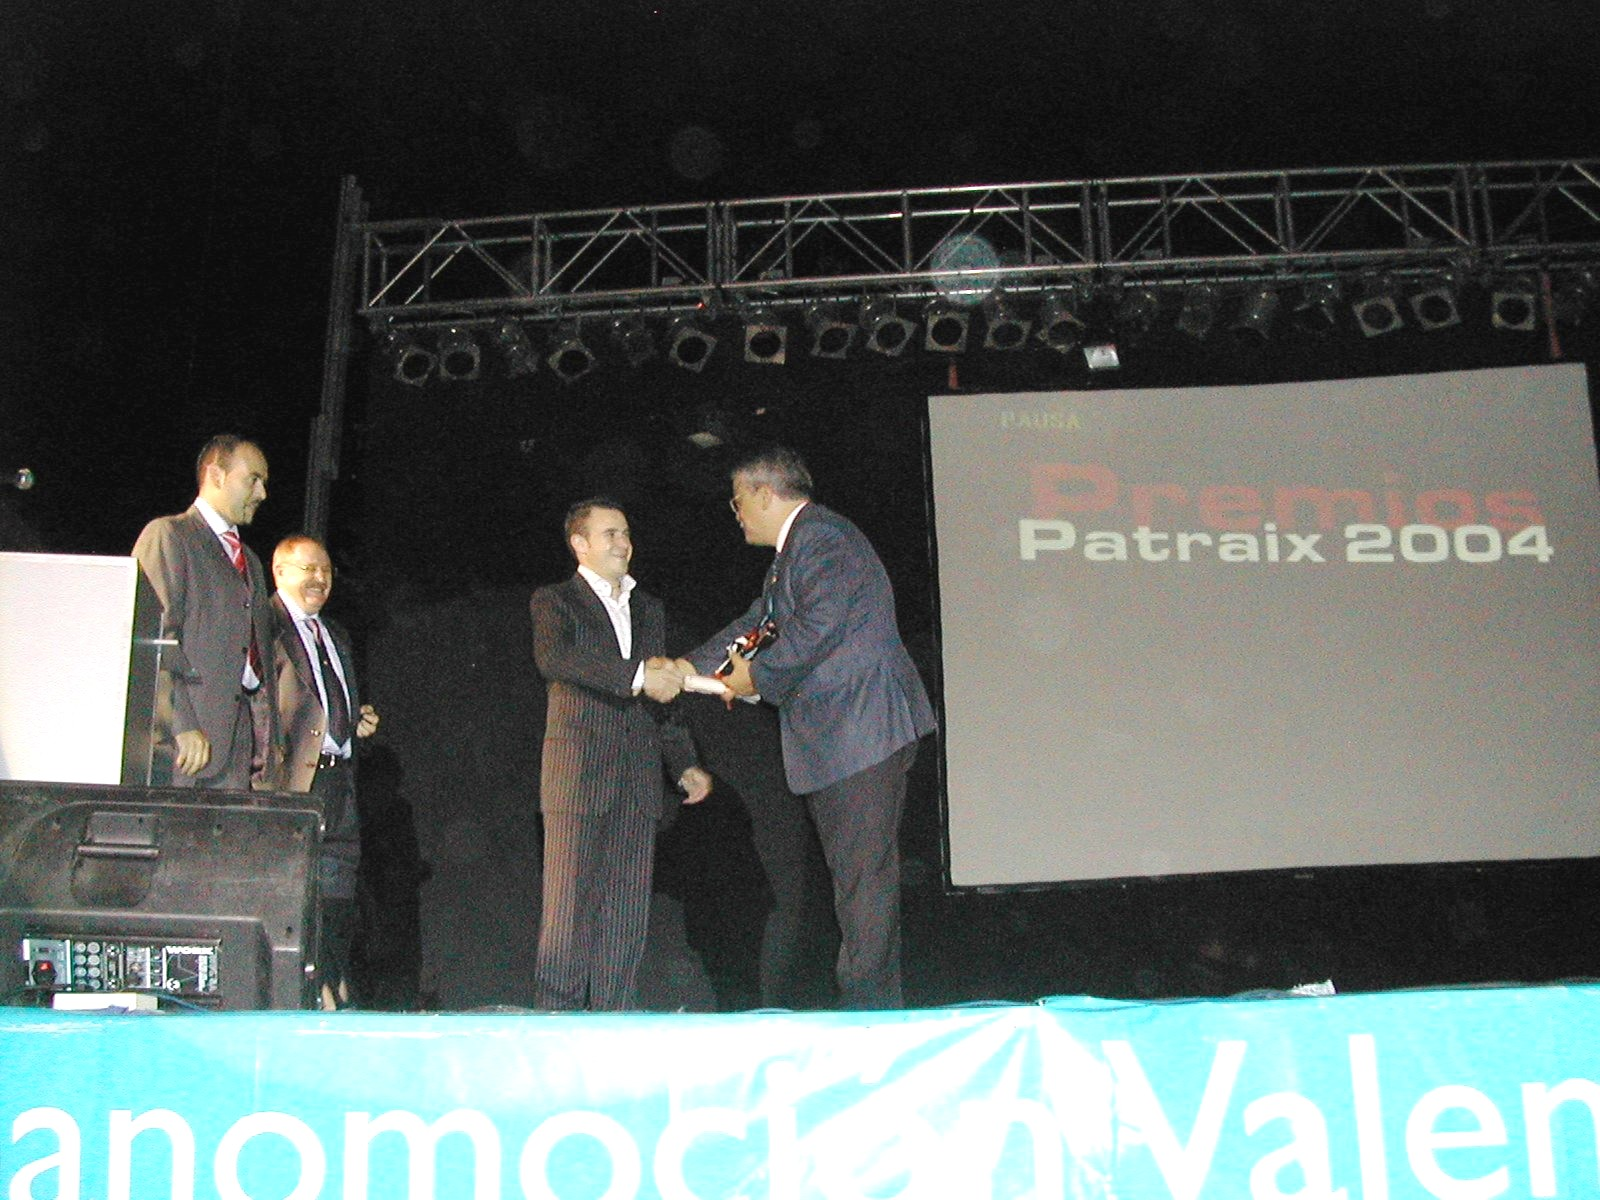 El síndic rep el Premi Convivència Patraix 2004